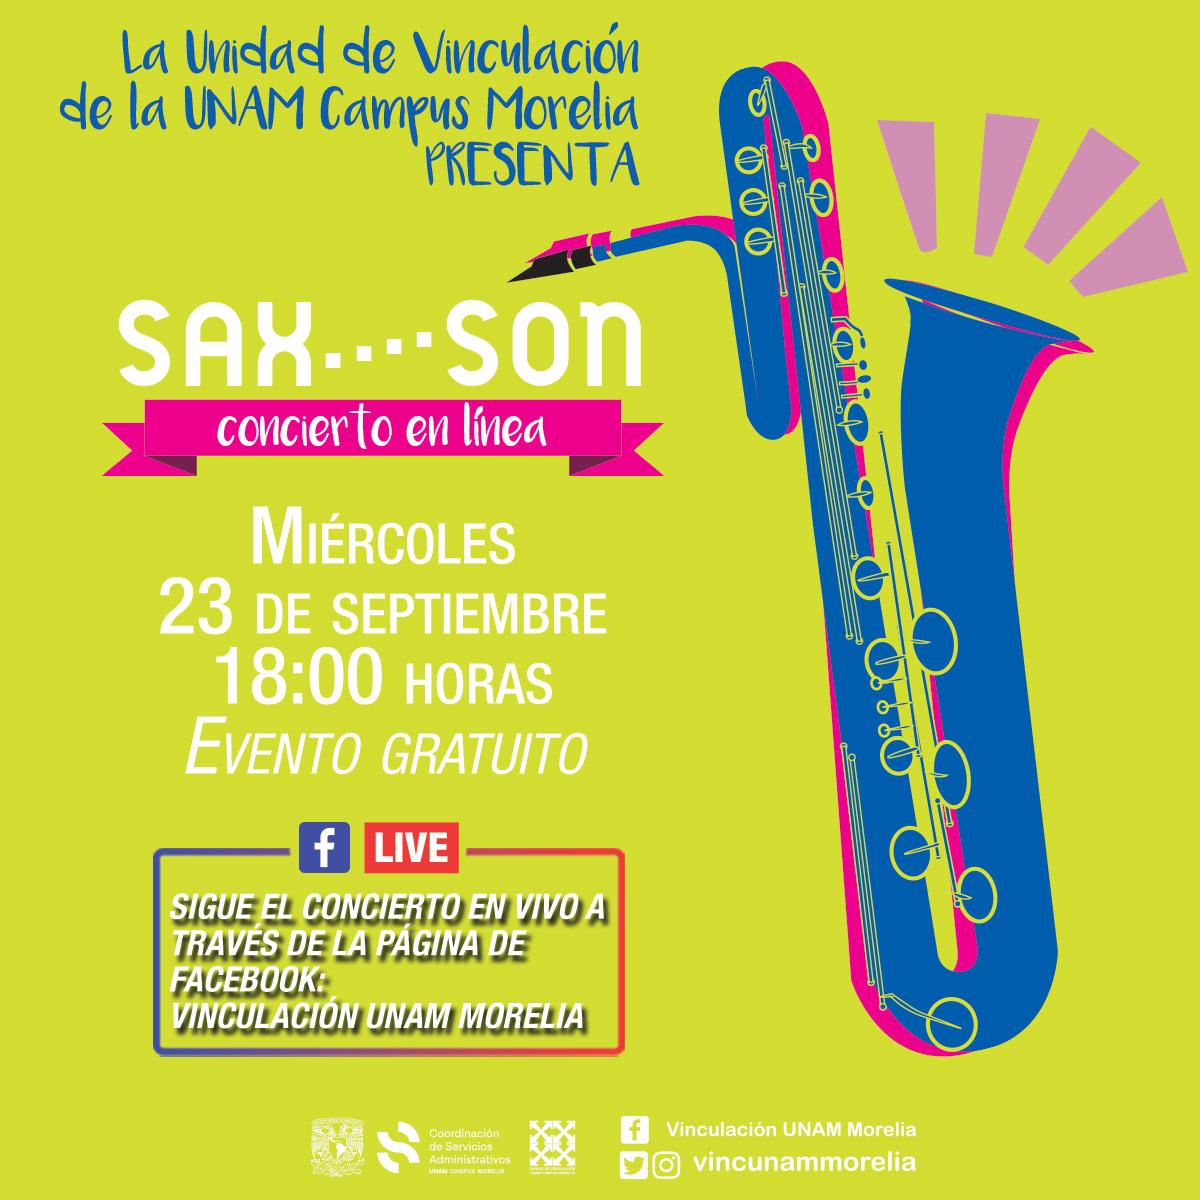 UNAM Campus Morelia invita al concierto a distancia a cargo de Sax…Son